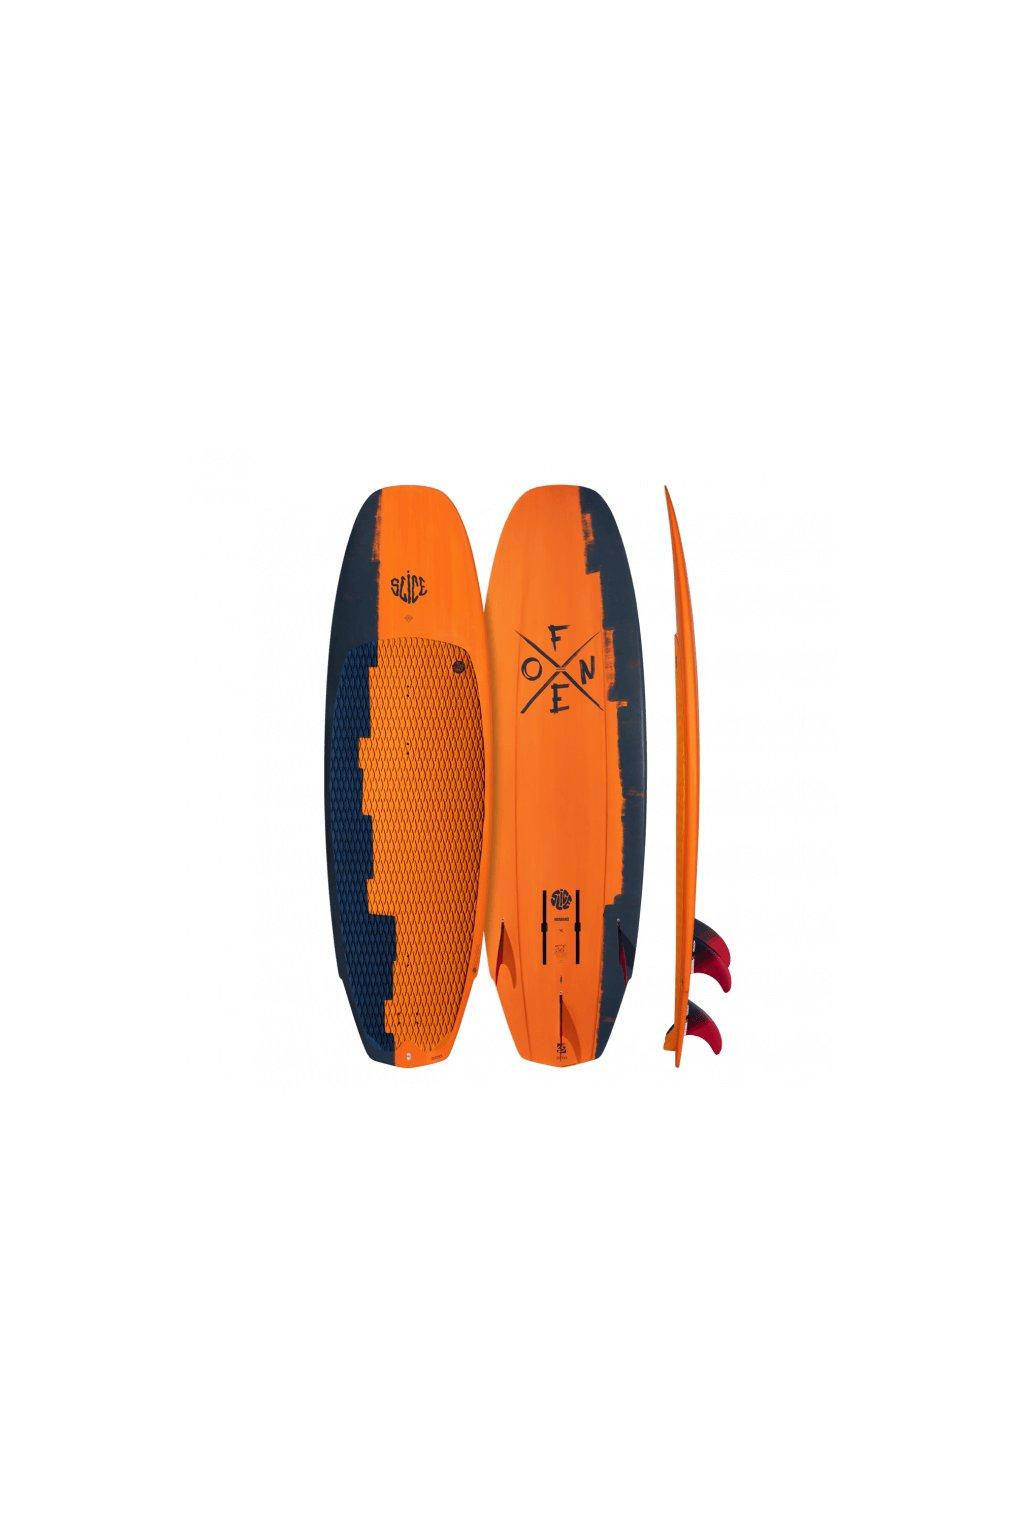 Foilboard kite slice flex convertible 650x650